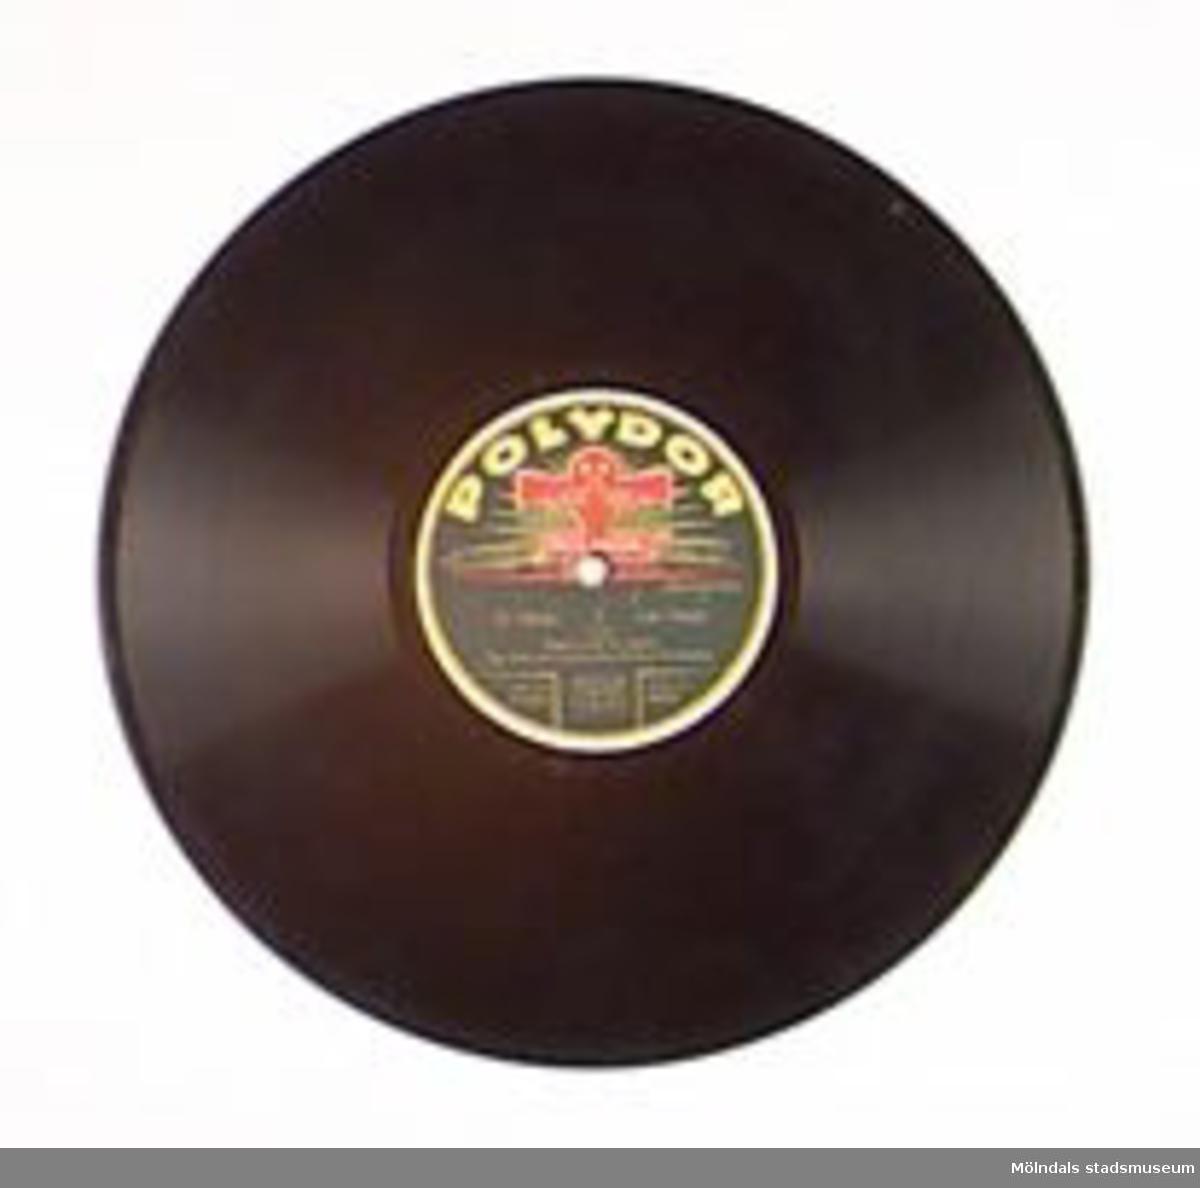 """Anahuac (Haro) Marsch The Efim Schachmeister-Dance-OrchesterDer Fasan Valse (Miguel Lerdo de Tejada) The Efim Schachmeister-Dance-Orchester.Märkt: """"Polydor B41430A B41431 A"""" """"175 bd 178 bd Made in Germany"""".Repad.Förvaras i MM01476 (skivalbum).En sk stenkaka, som tillverkades av konstharts (plast av kåda) och skiffermjöl (eller annat fyllnadsmjöl)."""